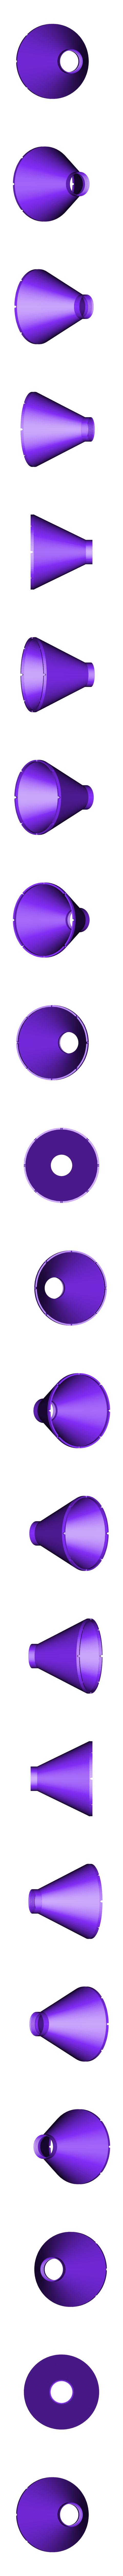 SOCLEBASAVISER_cubify_v.stl Download STL file speaker stand or other • 3D printing template, Seb0031